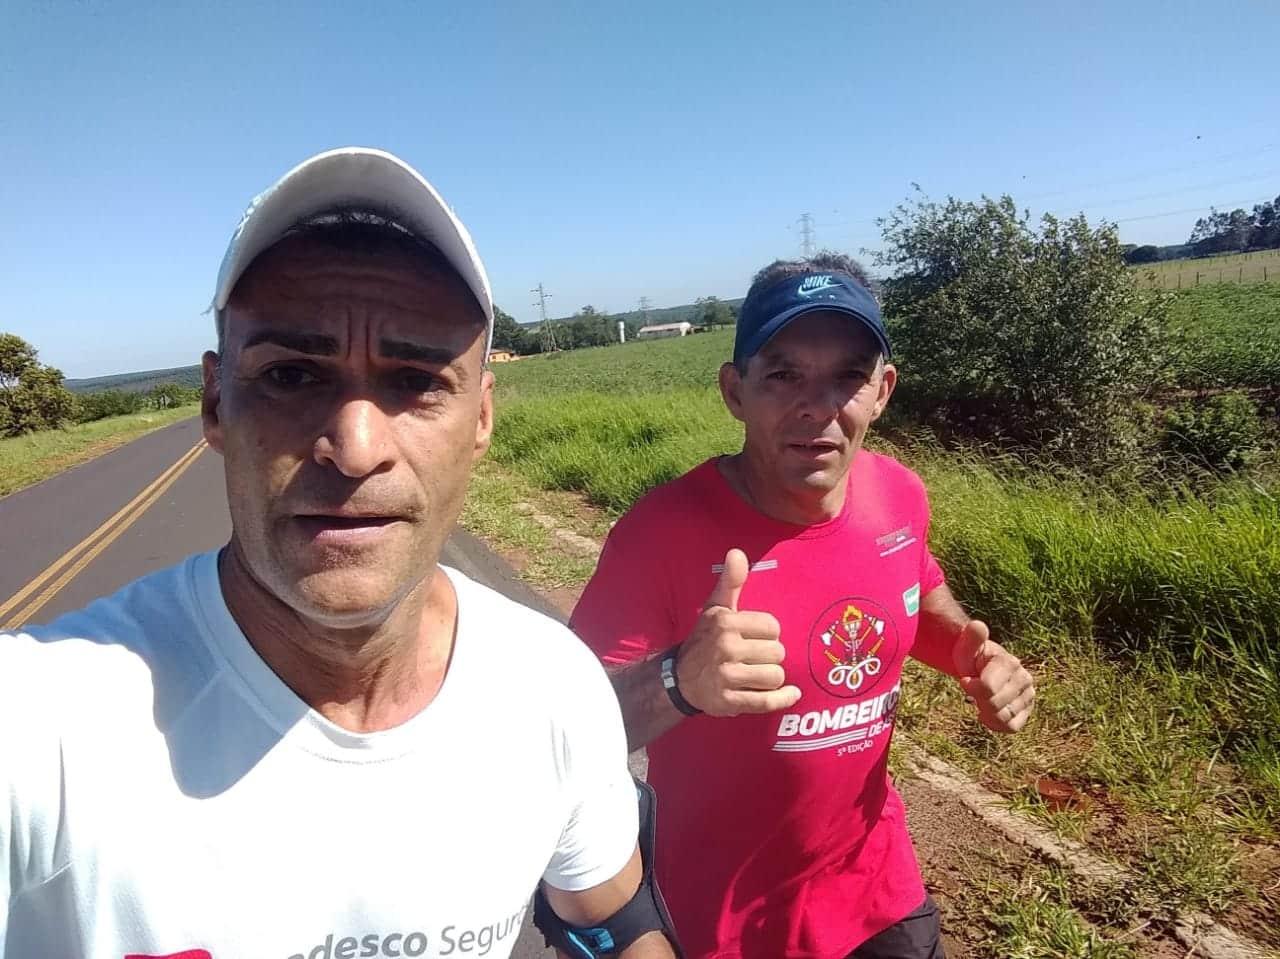 Marcelo Vieira Leme, de 47 anos, irá correr na maratona do rio neste final de semana (Foto: Arquivo Pessoal)